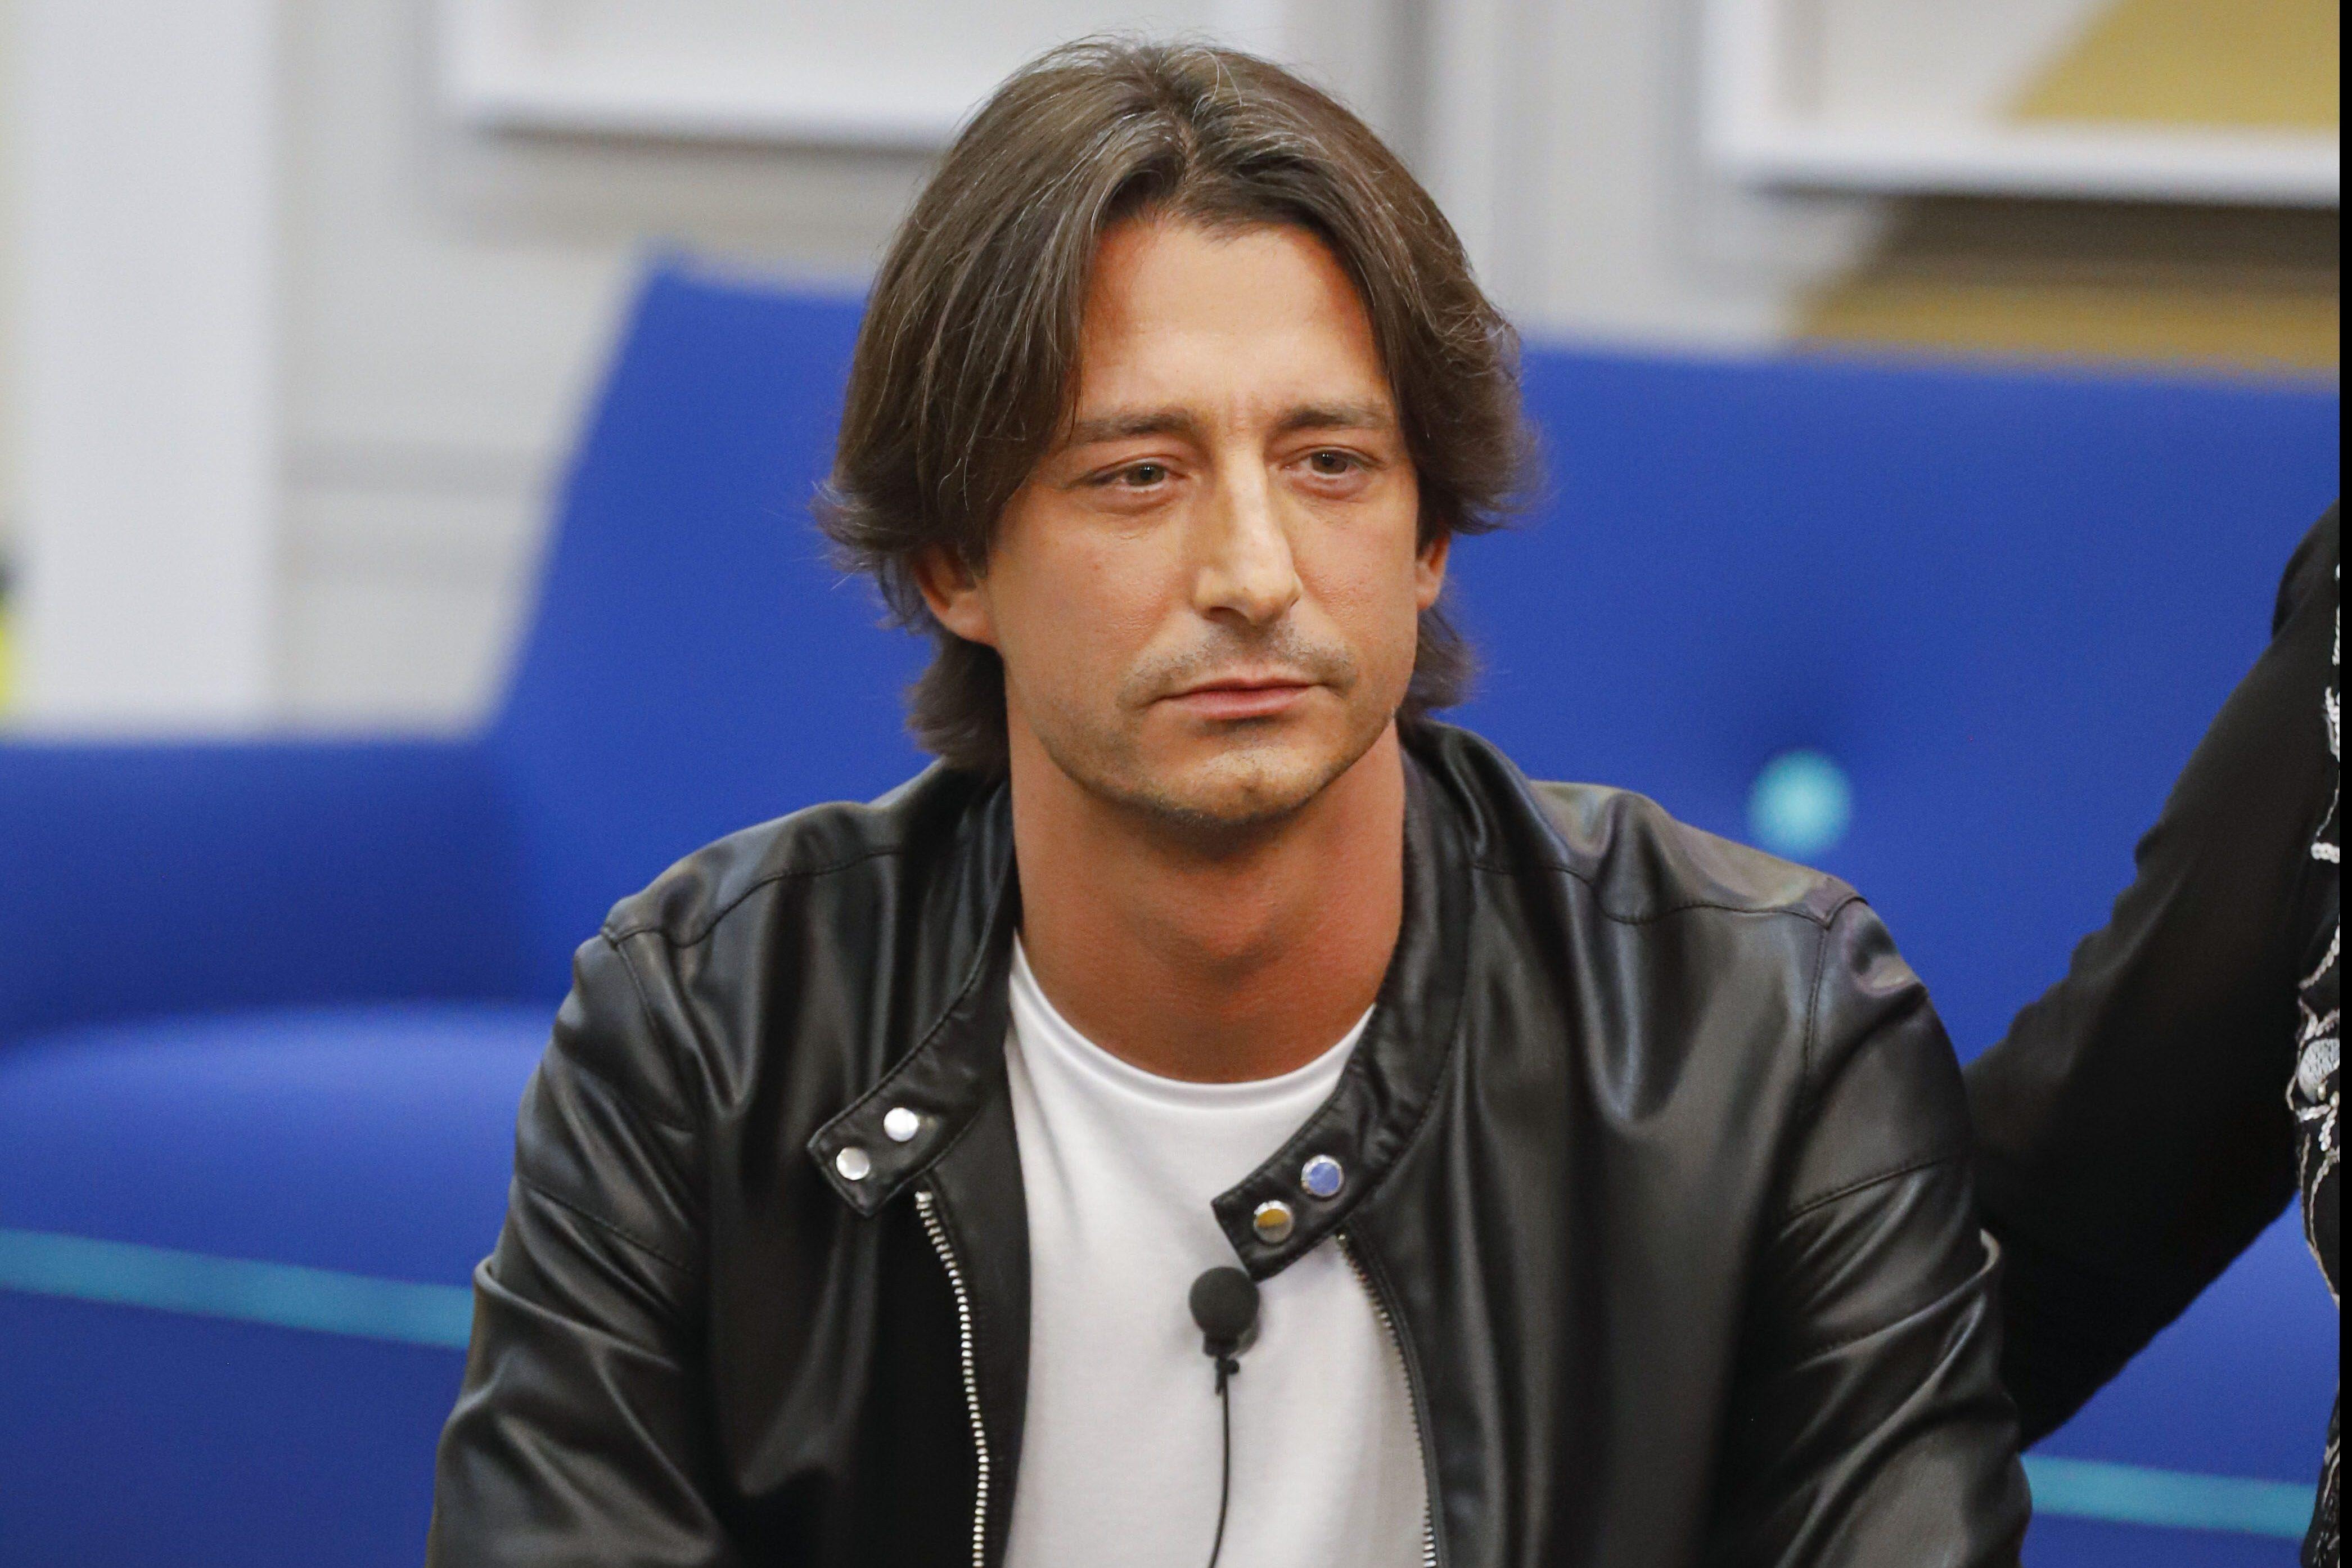 Francesco Oppini Ho Una Mamma Ingombrante E Alba Parietti Chiama In Diretta Al Gf Vip 2020